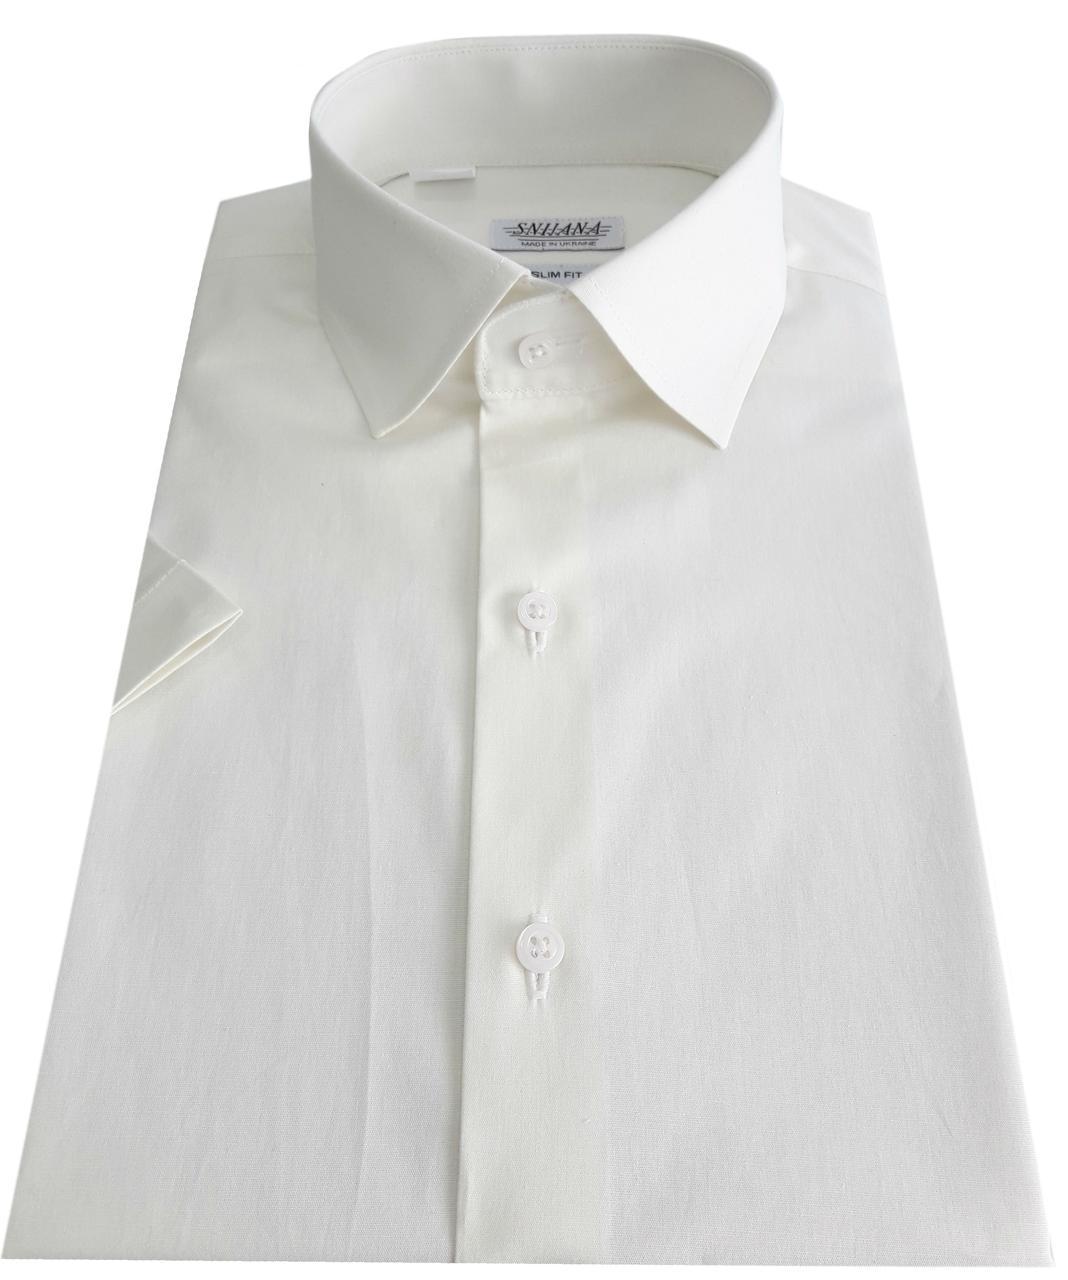 Мужская рубашка с коротким рукавом  №10-16 - 40-100 V28